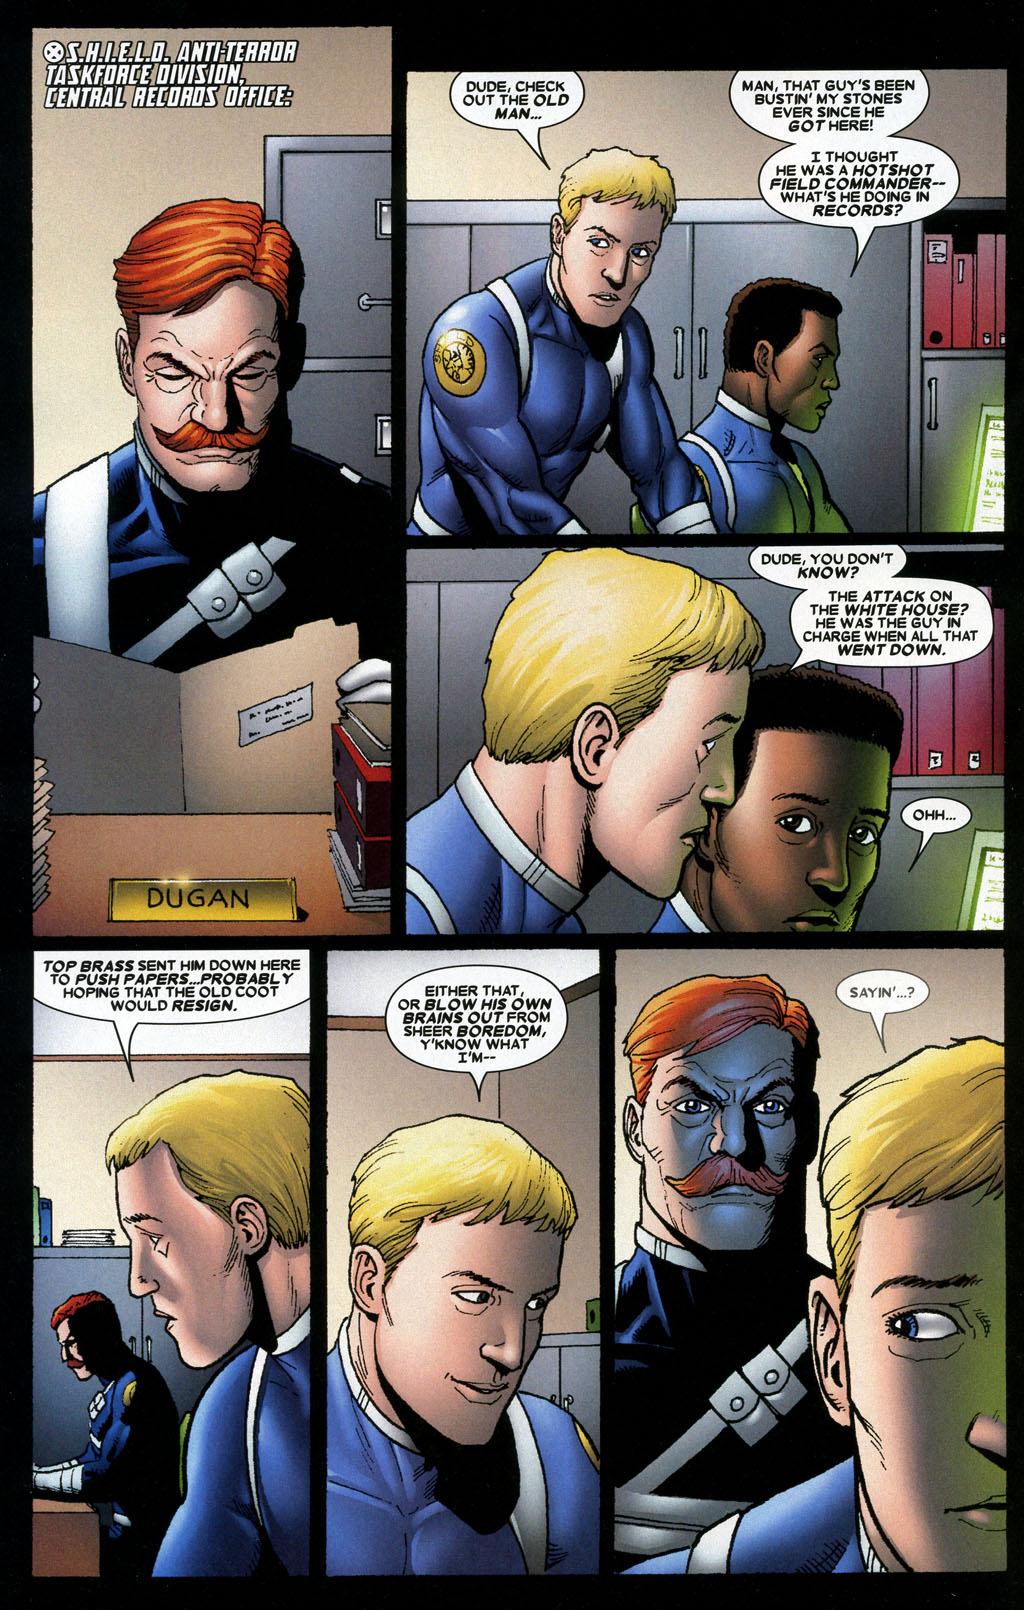 Read online Wolverine: Origins comic -  Issue #6 - 15